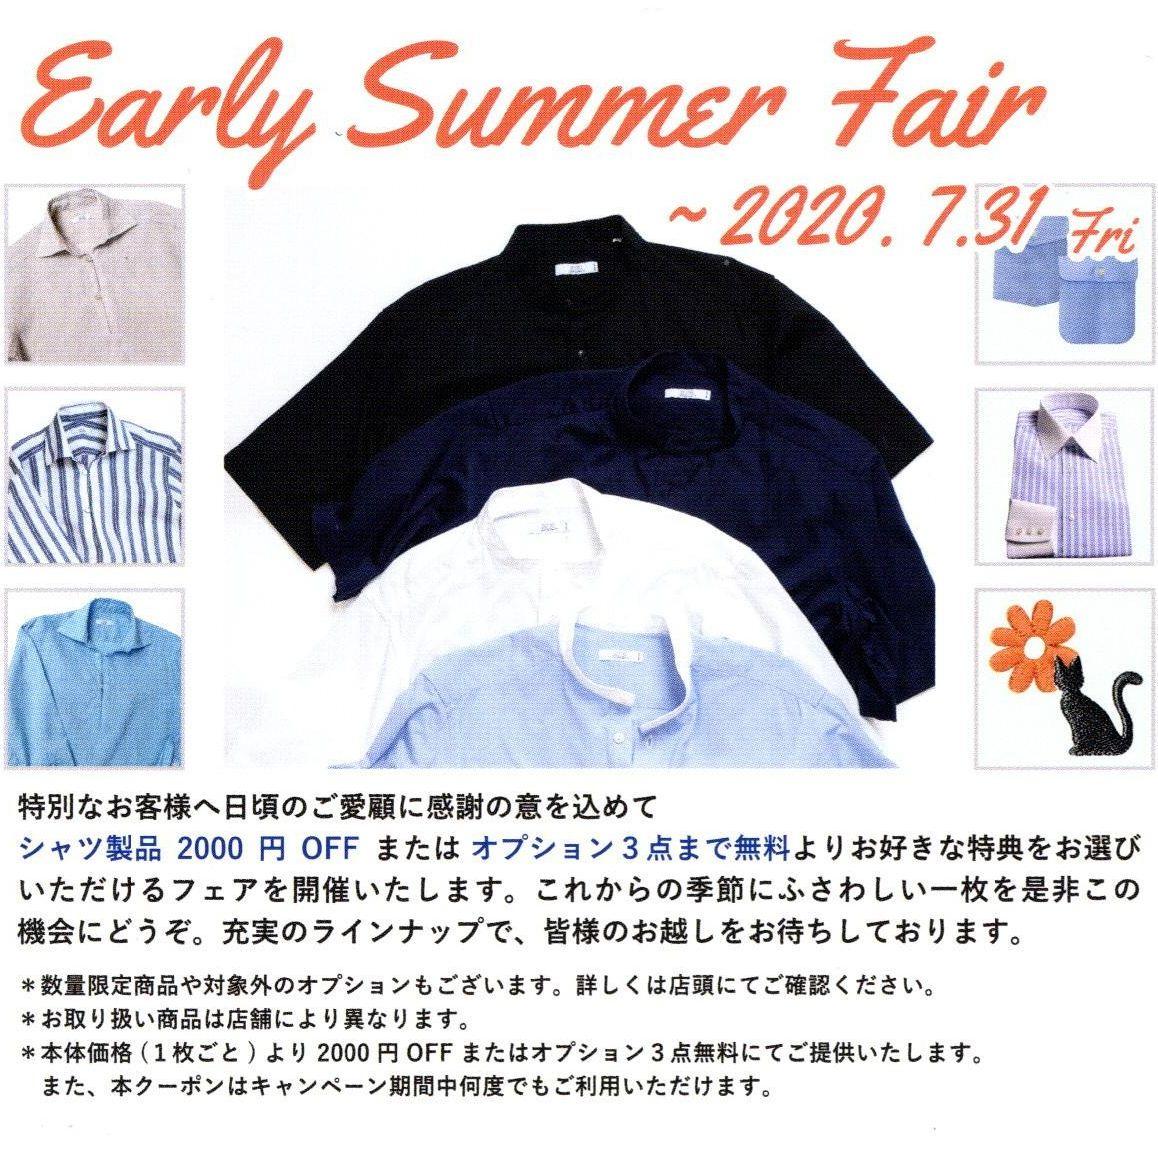 オーダーシャツ Early Summer Fair